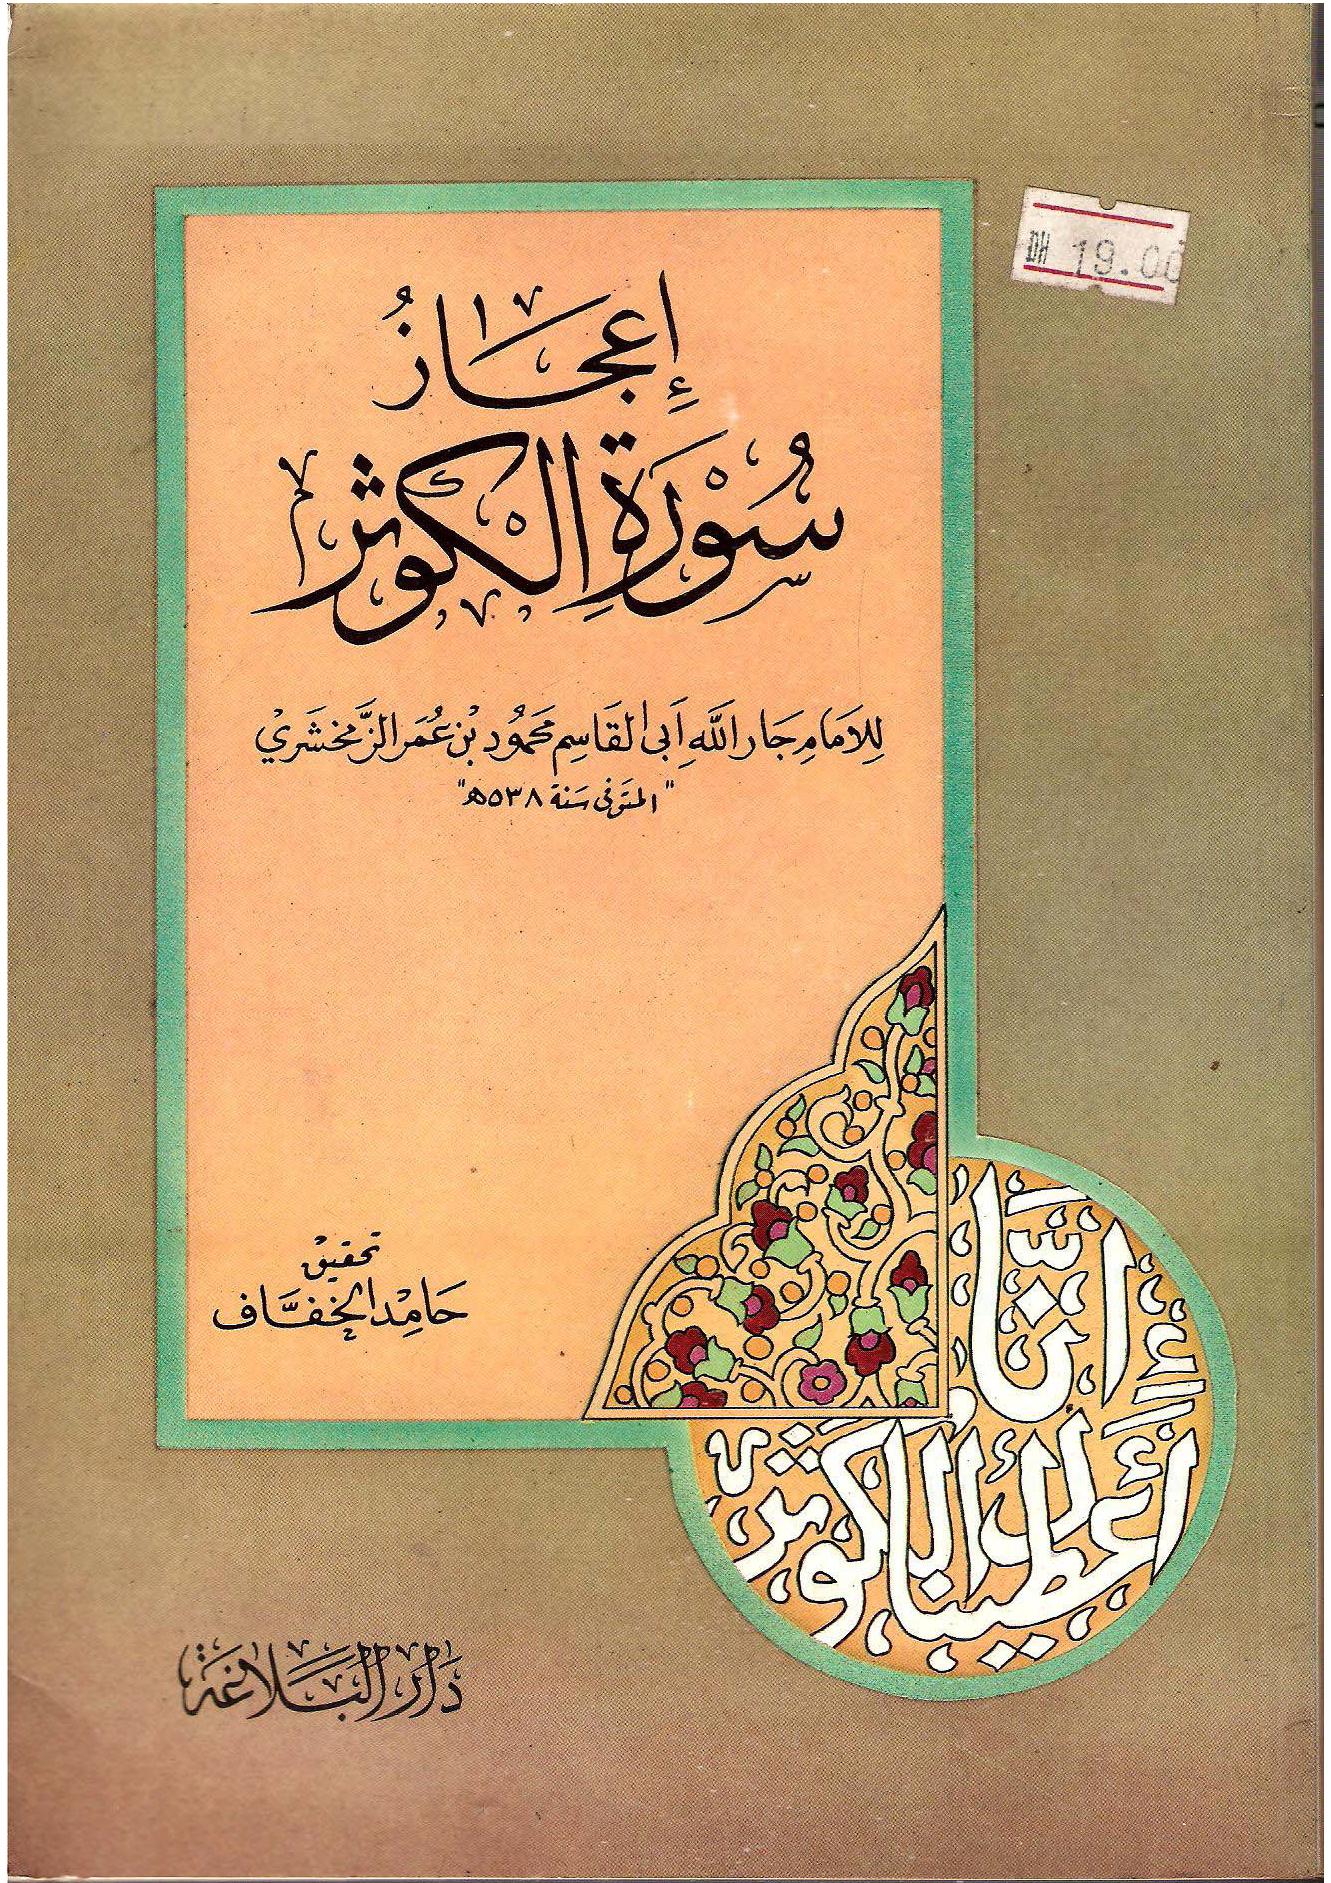 تحميل كتاب إعجاز سورة الكوثر لـِ: جار الله أبو القاسم محمود بن عمر الزمخشري